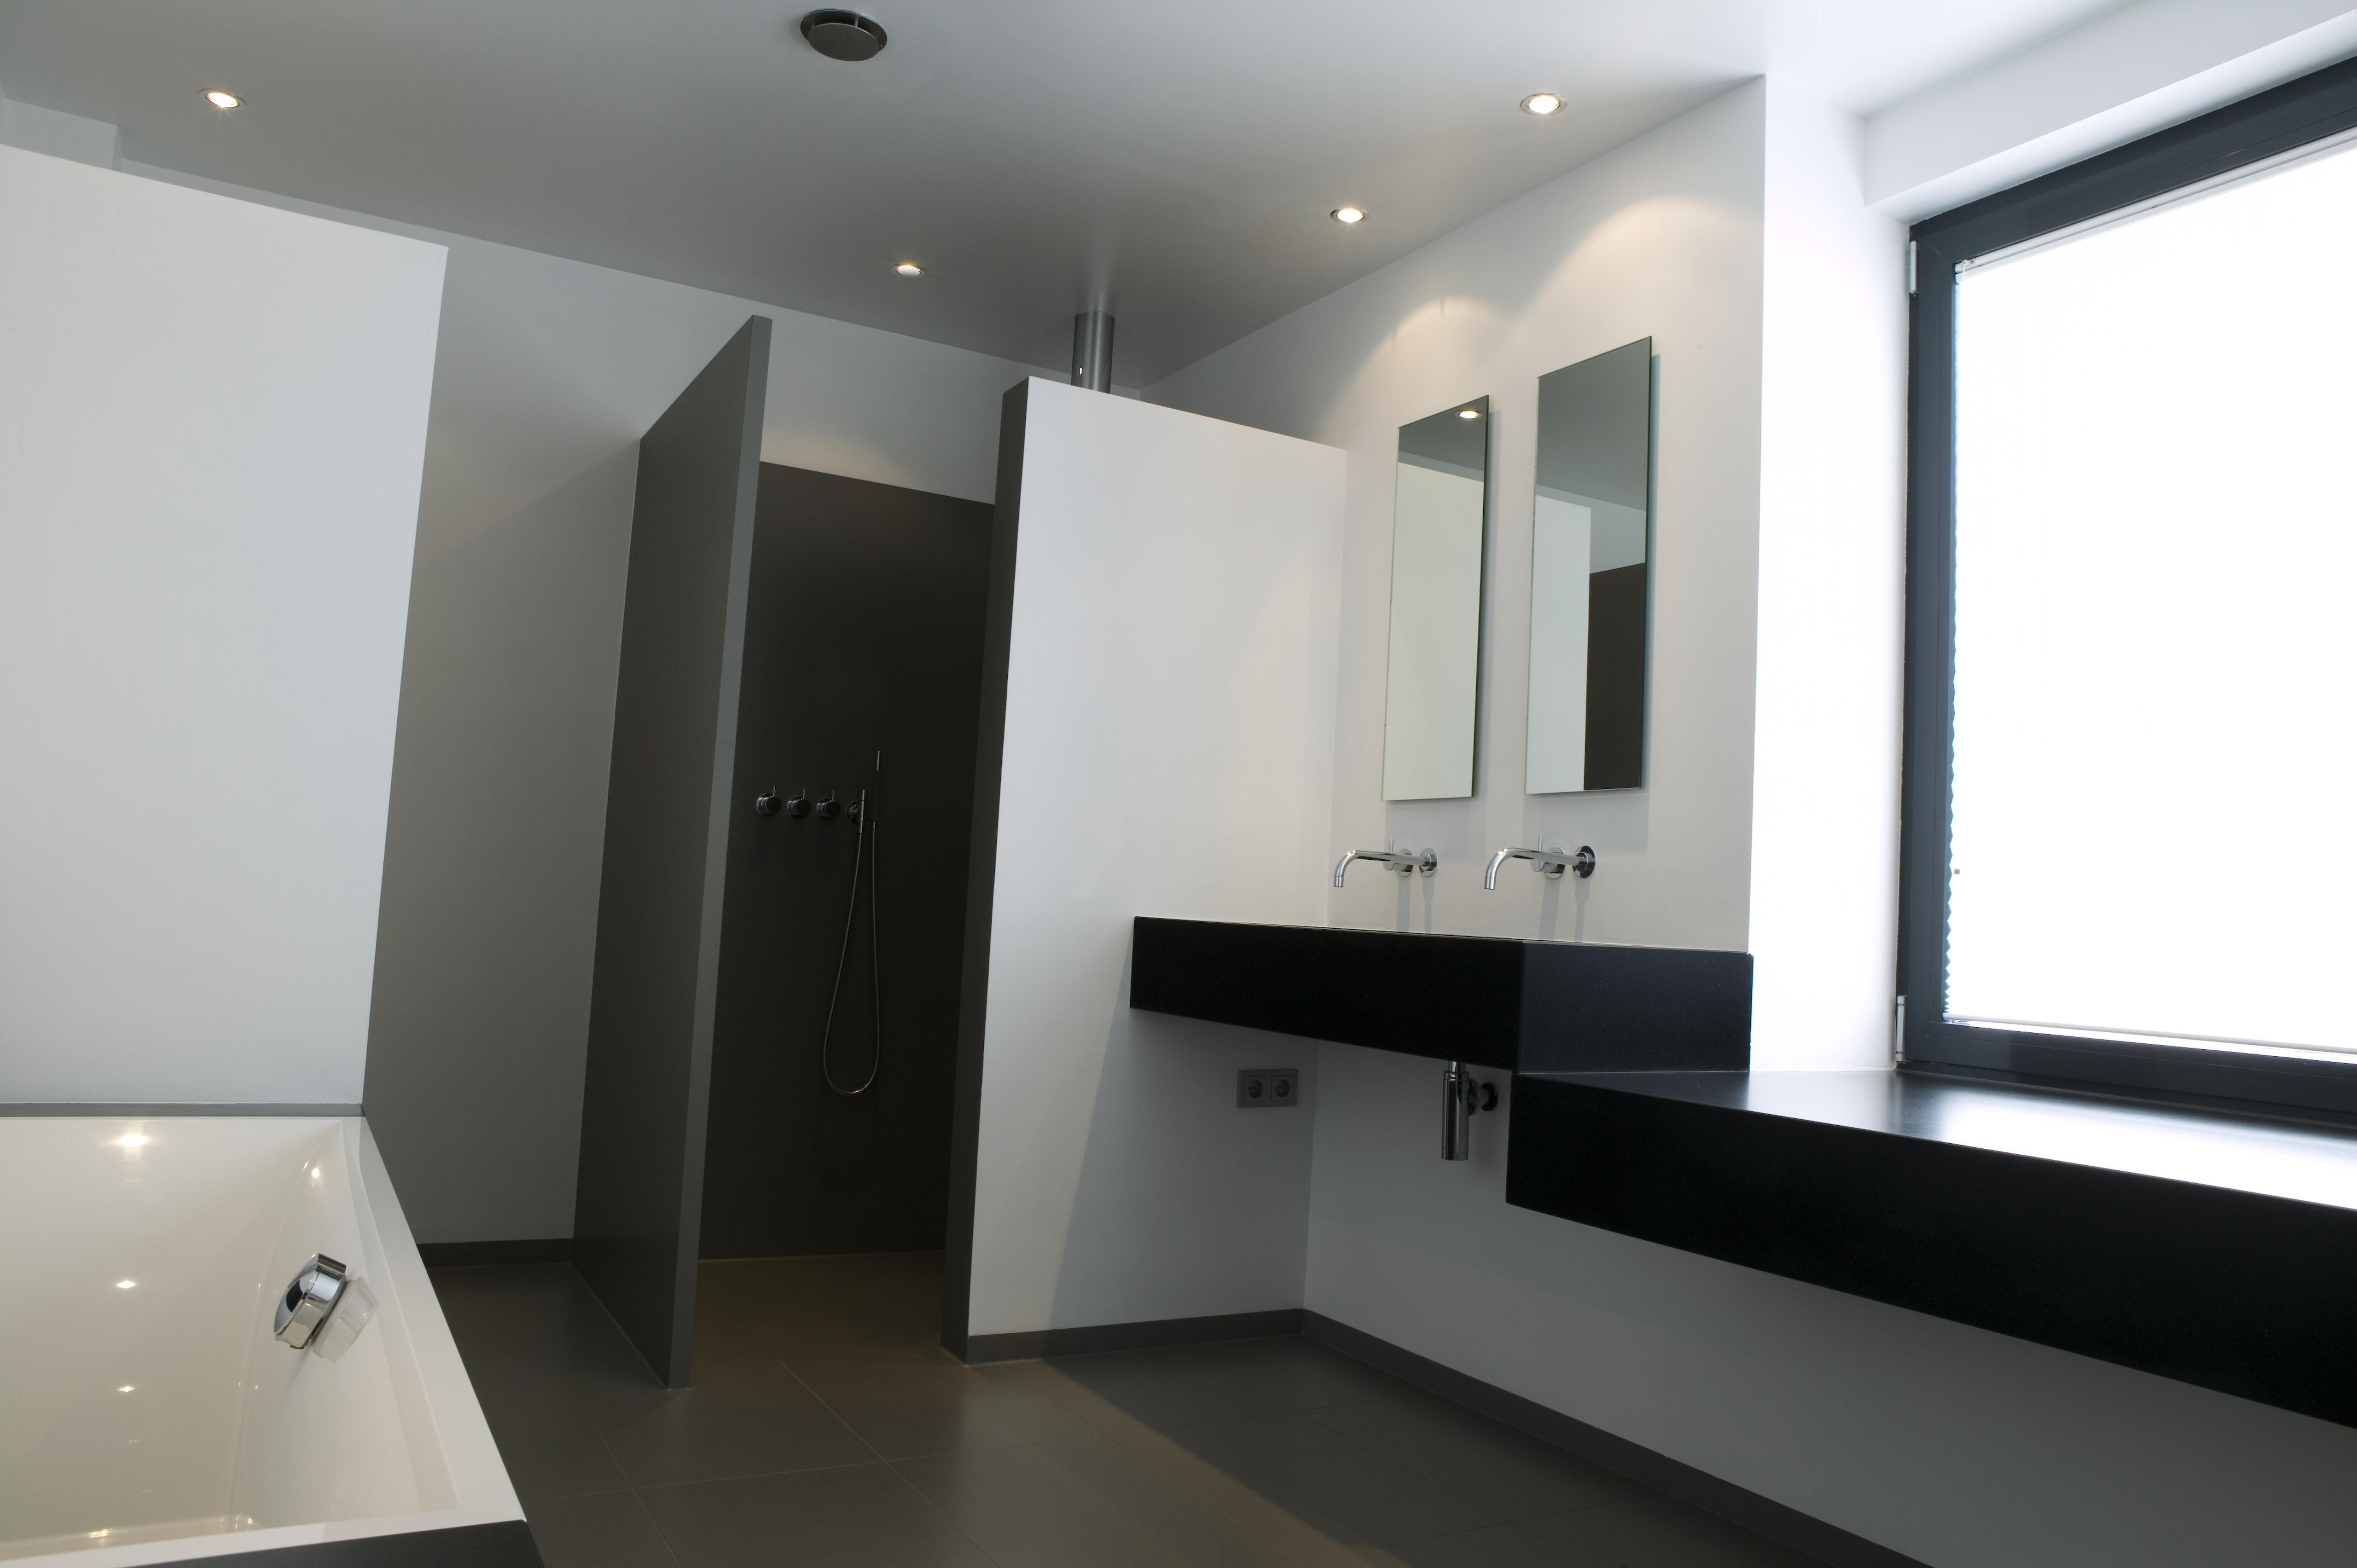 Douche voor de slaapkamer ruimte voor toilet in badkamer